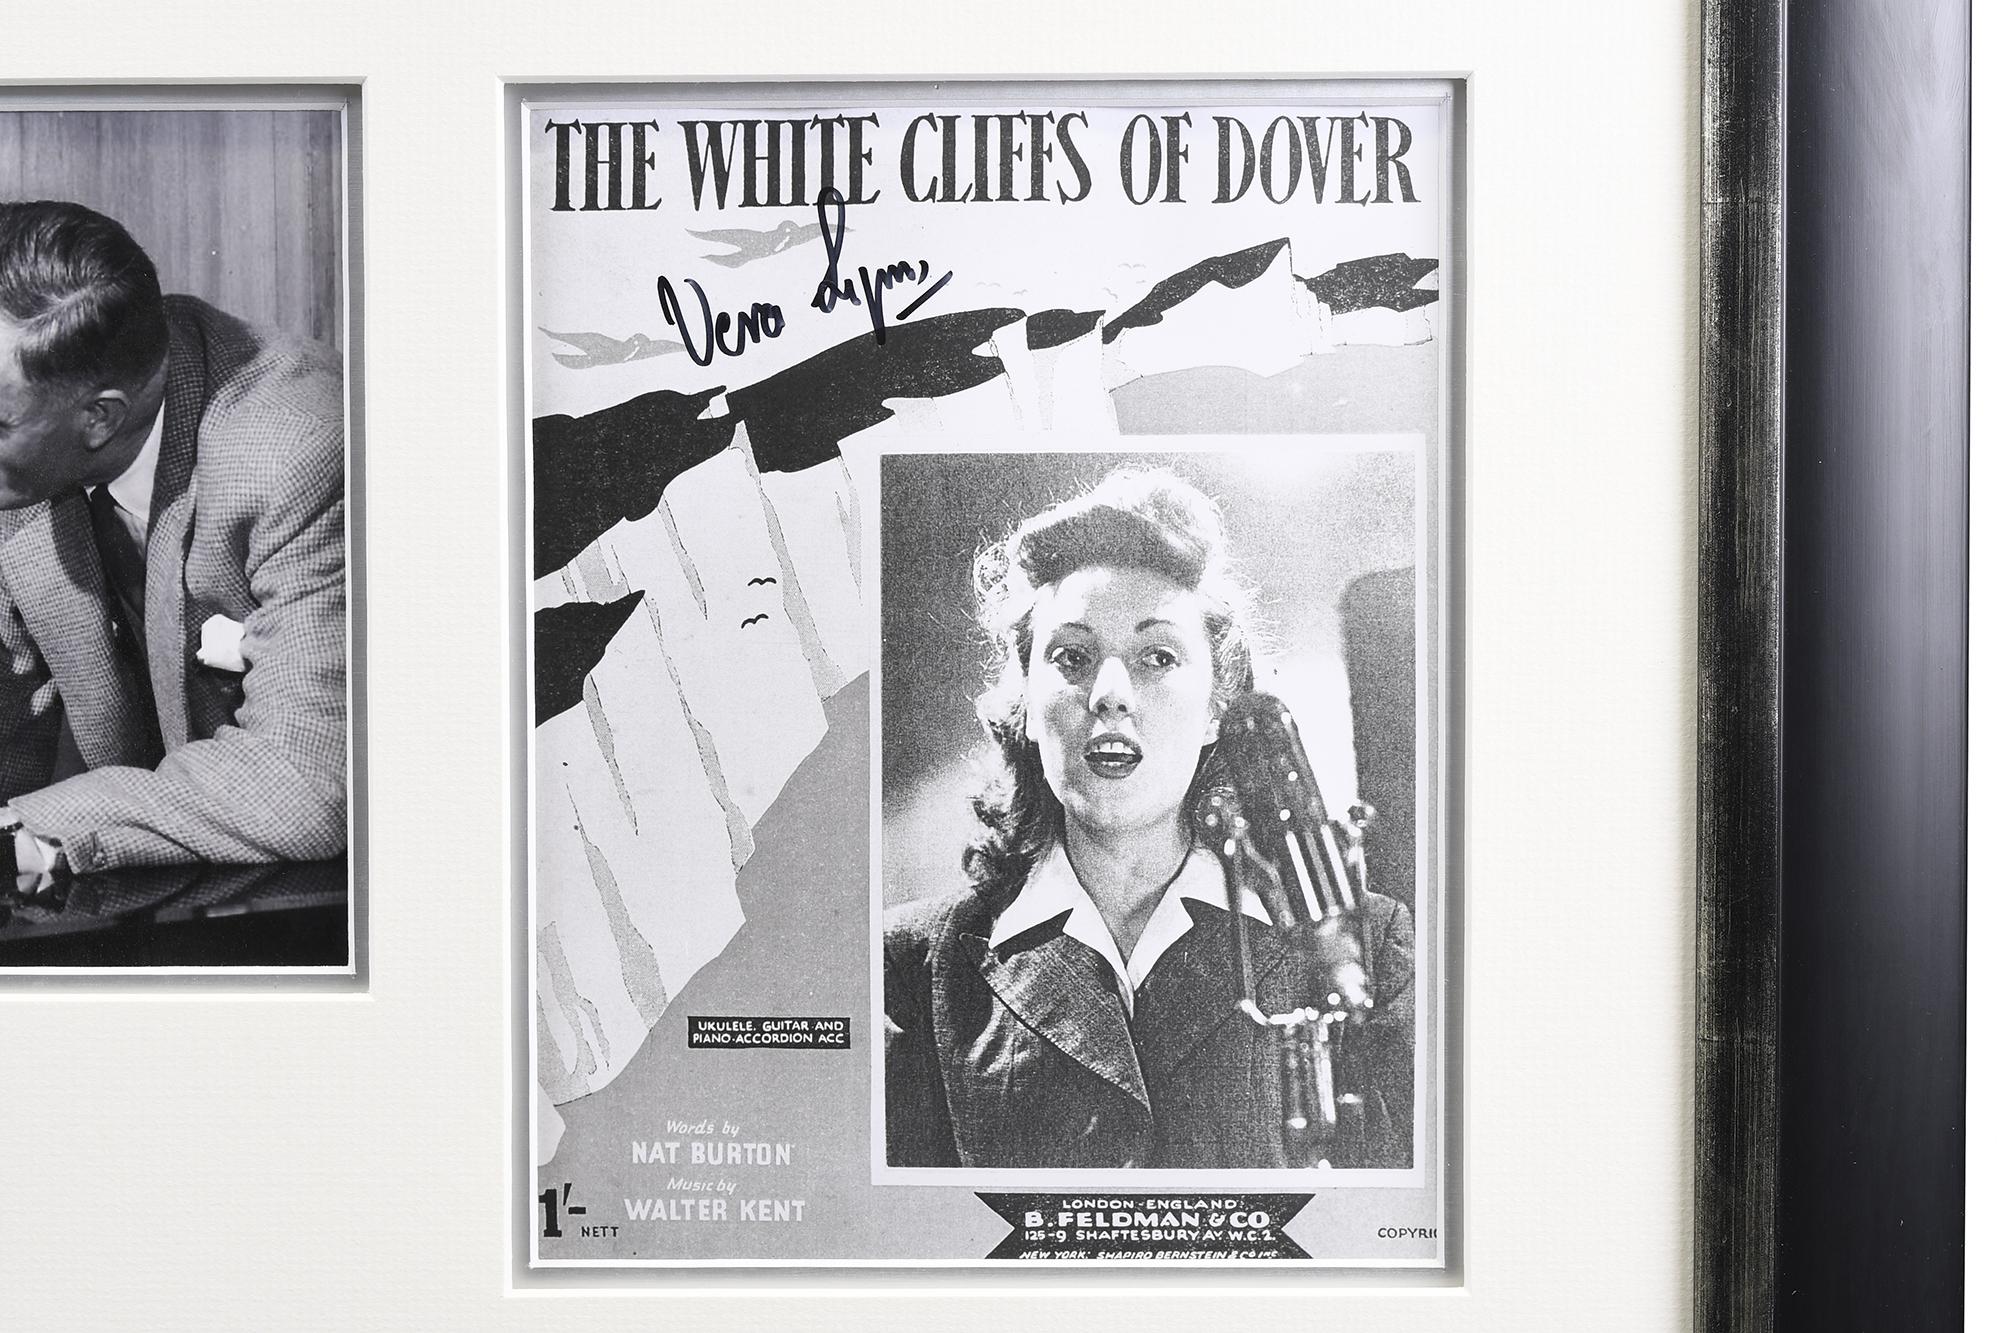 Signed Vera Lynn Framed Memorabilia - Image 3 of 5